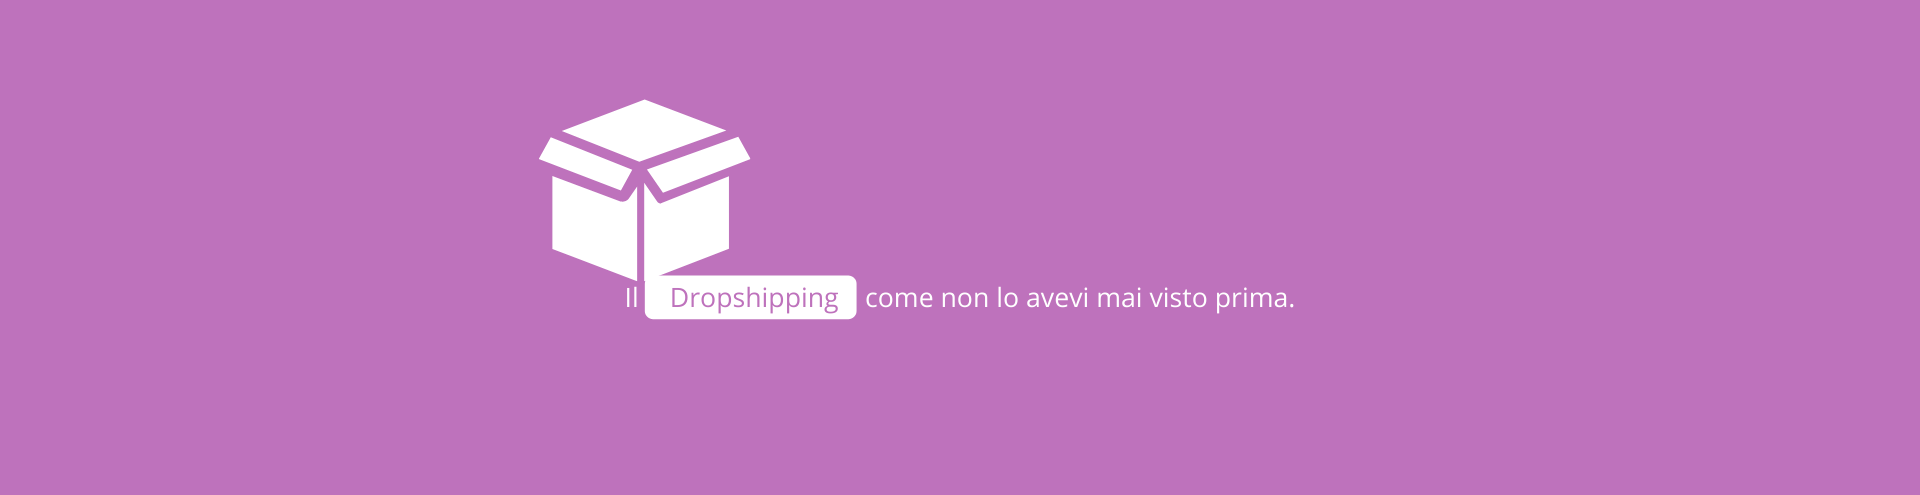 Il Dropshipping come non lo avevi mai visto prima.